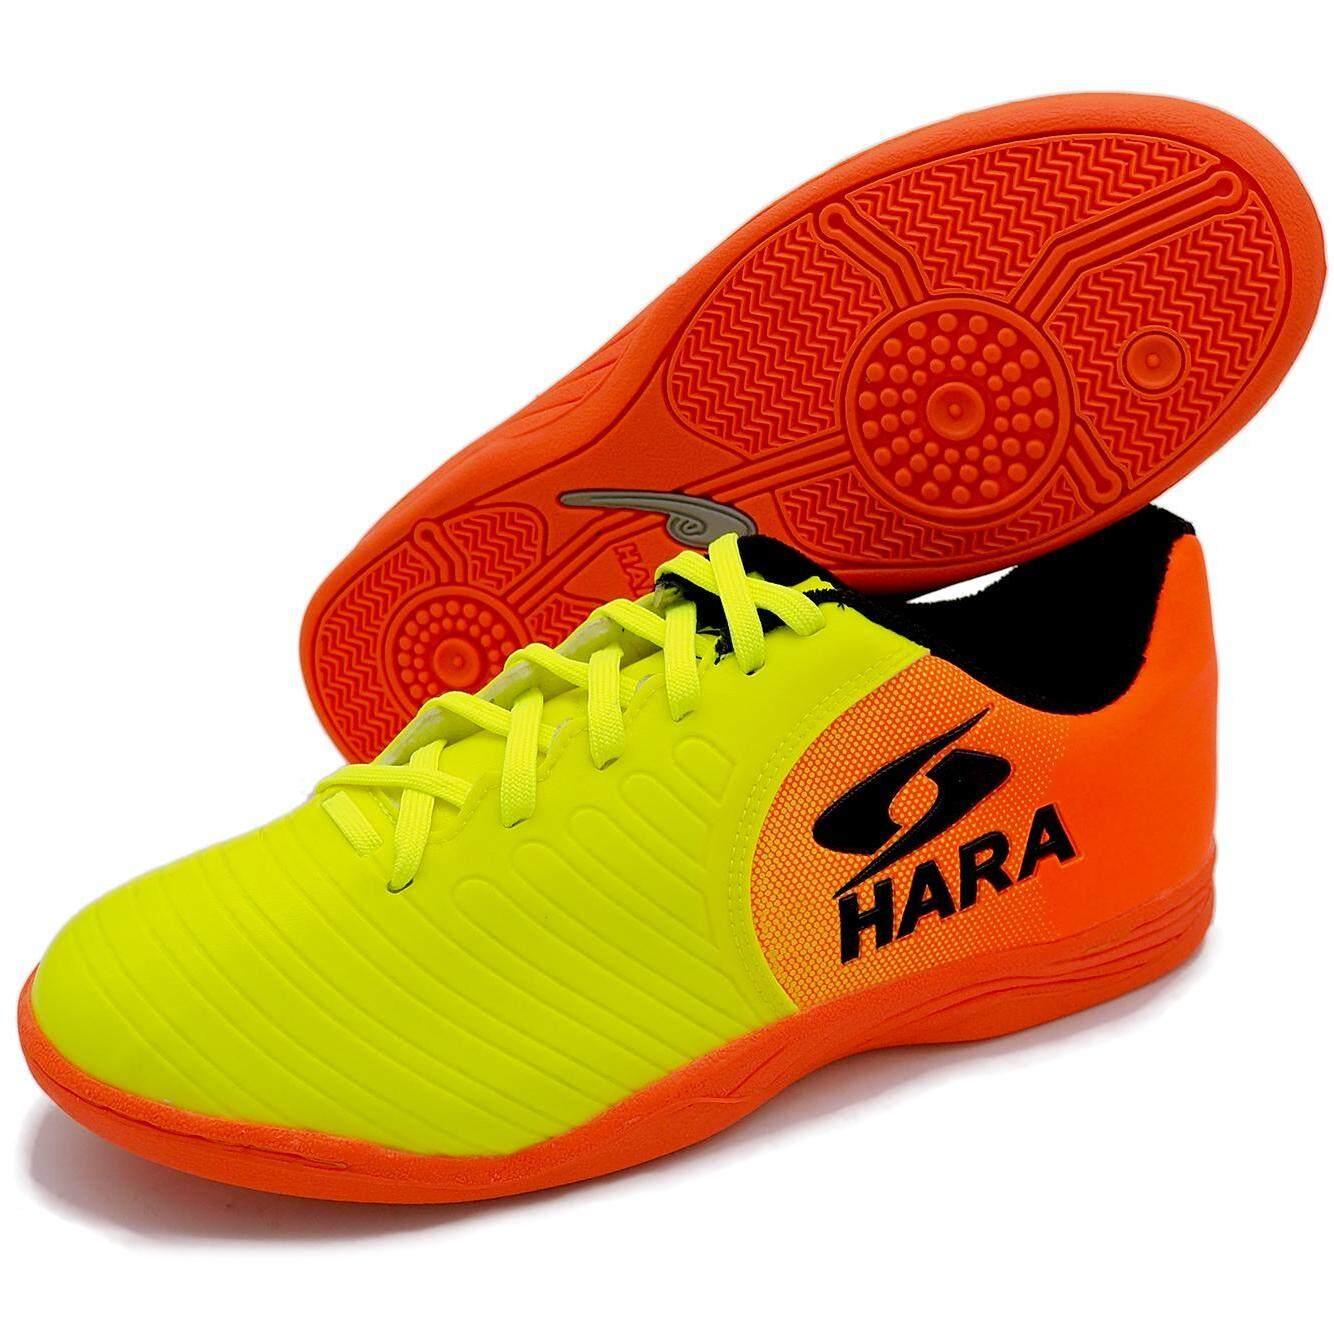 3632248de8 HARA Sports รองเท้าฟุตซอล รุ่น FS93 สีเขียวตอง-ส้ม